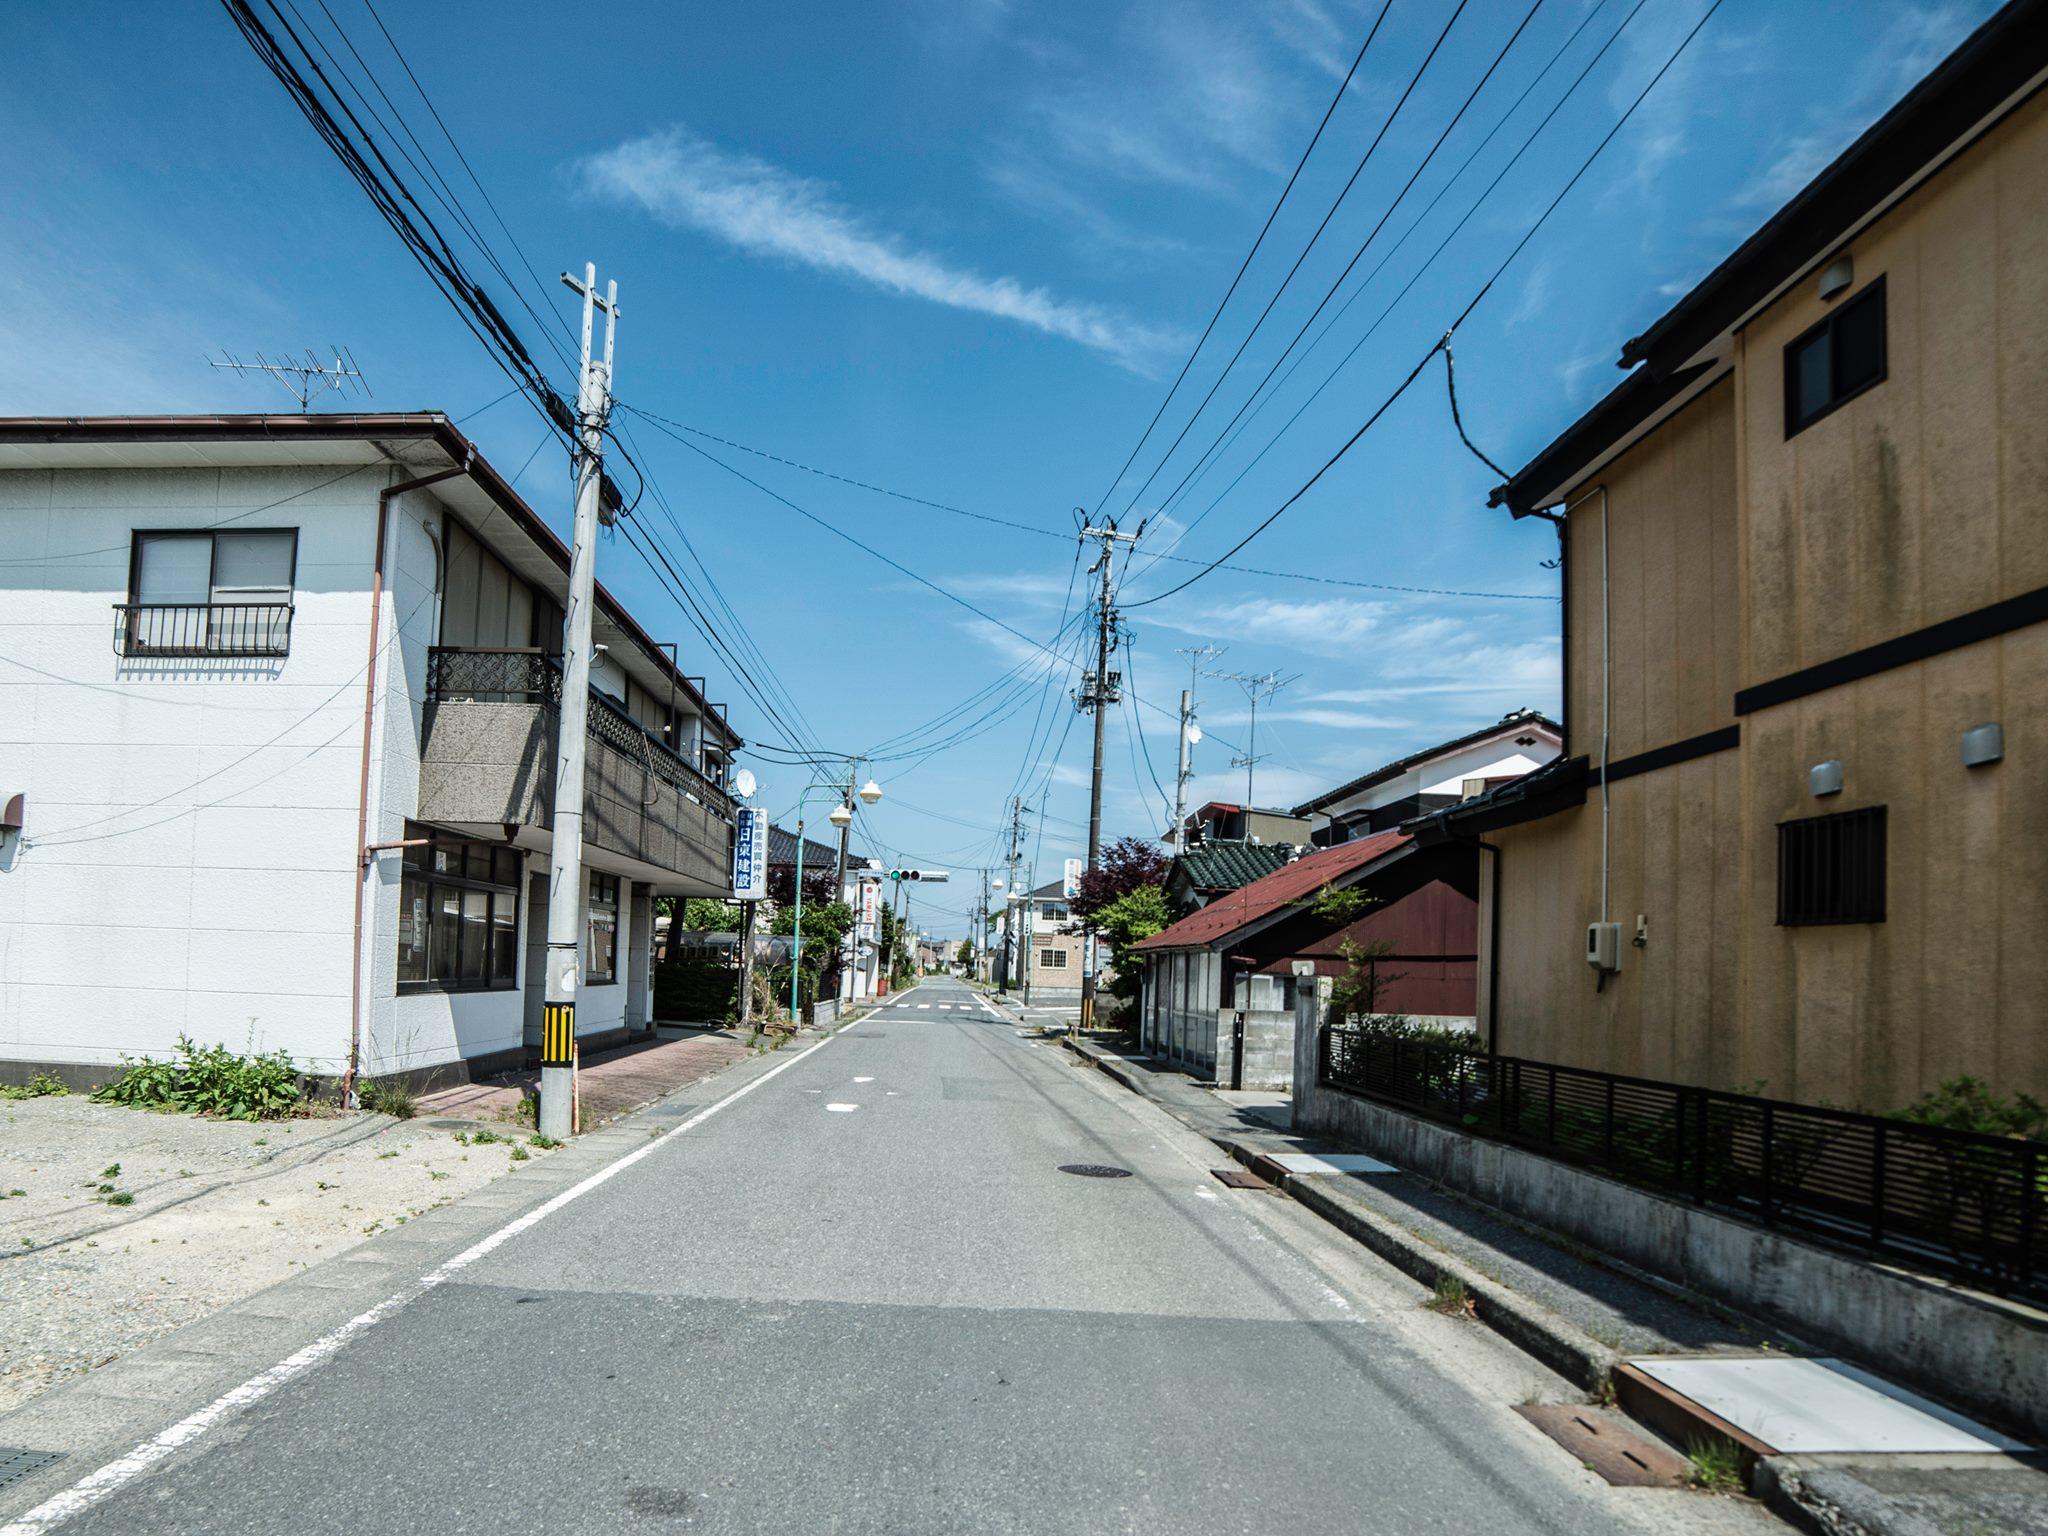 como es fukushima 5 años después del desastre 20